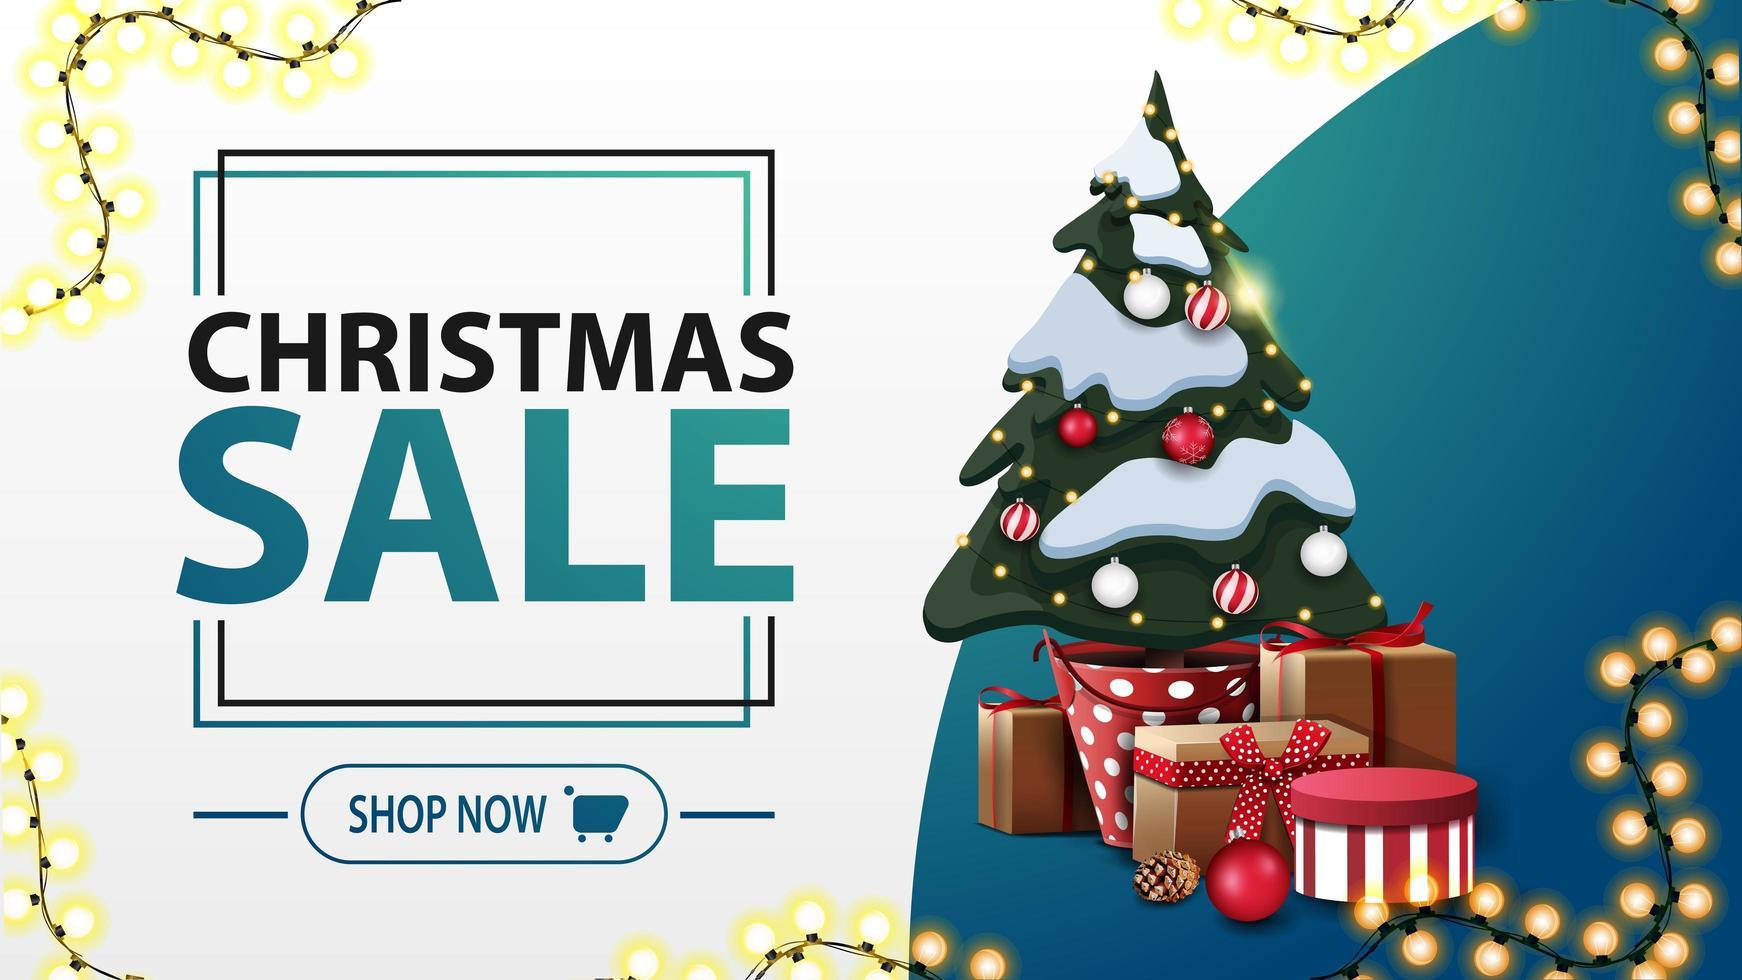 Venta de Navidad, banner de descuento blanco y azul en estilo minimalista con guirnalda y árbol de Navidad en una olla con regalos vector